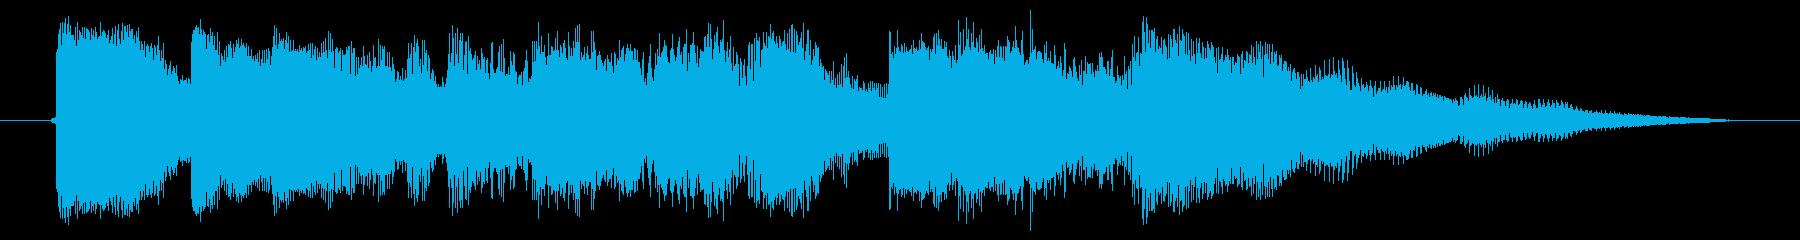 海外ドラマ風 エレキギター クランチの再生済みの波形